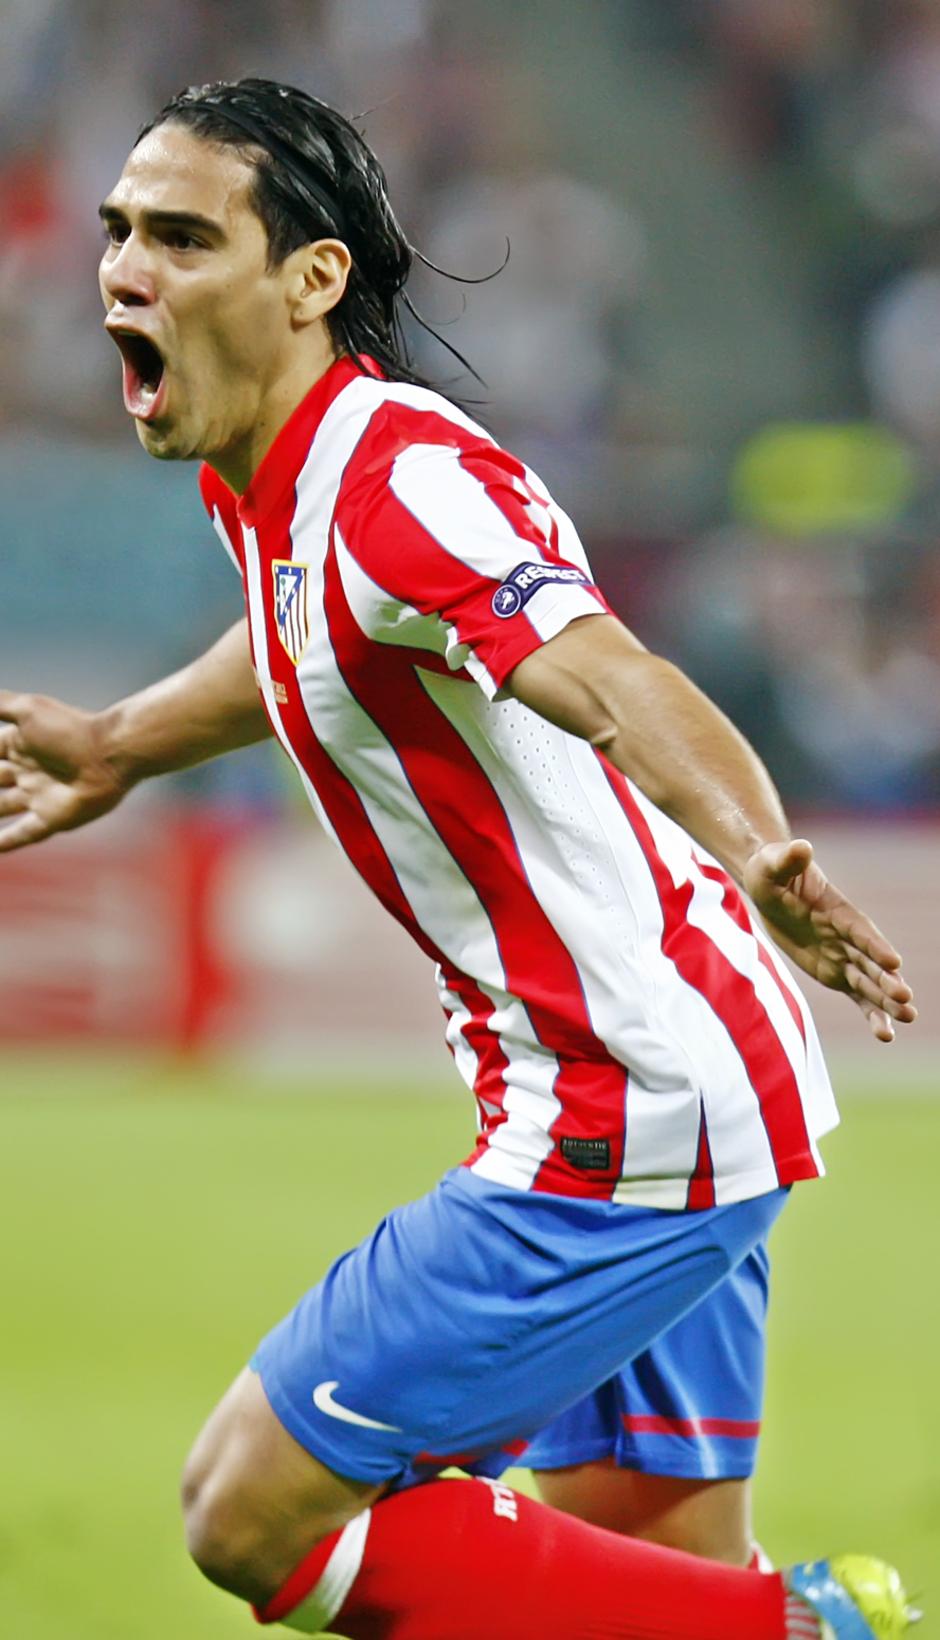 Temporada 11/12. Final Europa League. Falcao celebrando el gol en el césped del Estadio de Bucarest plano medio